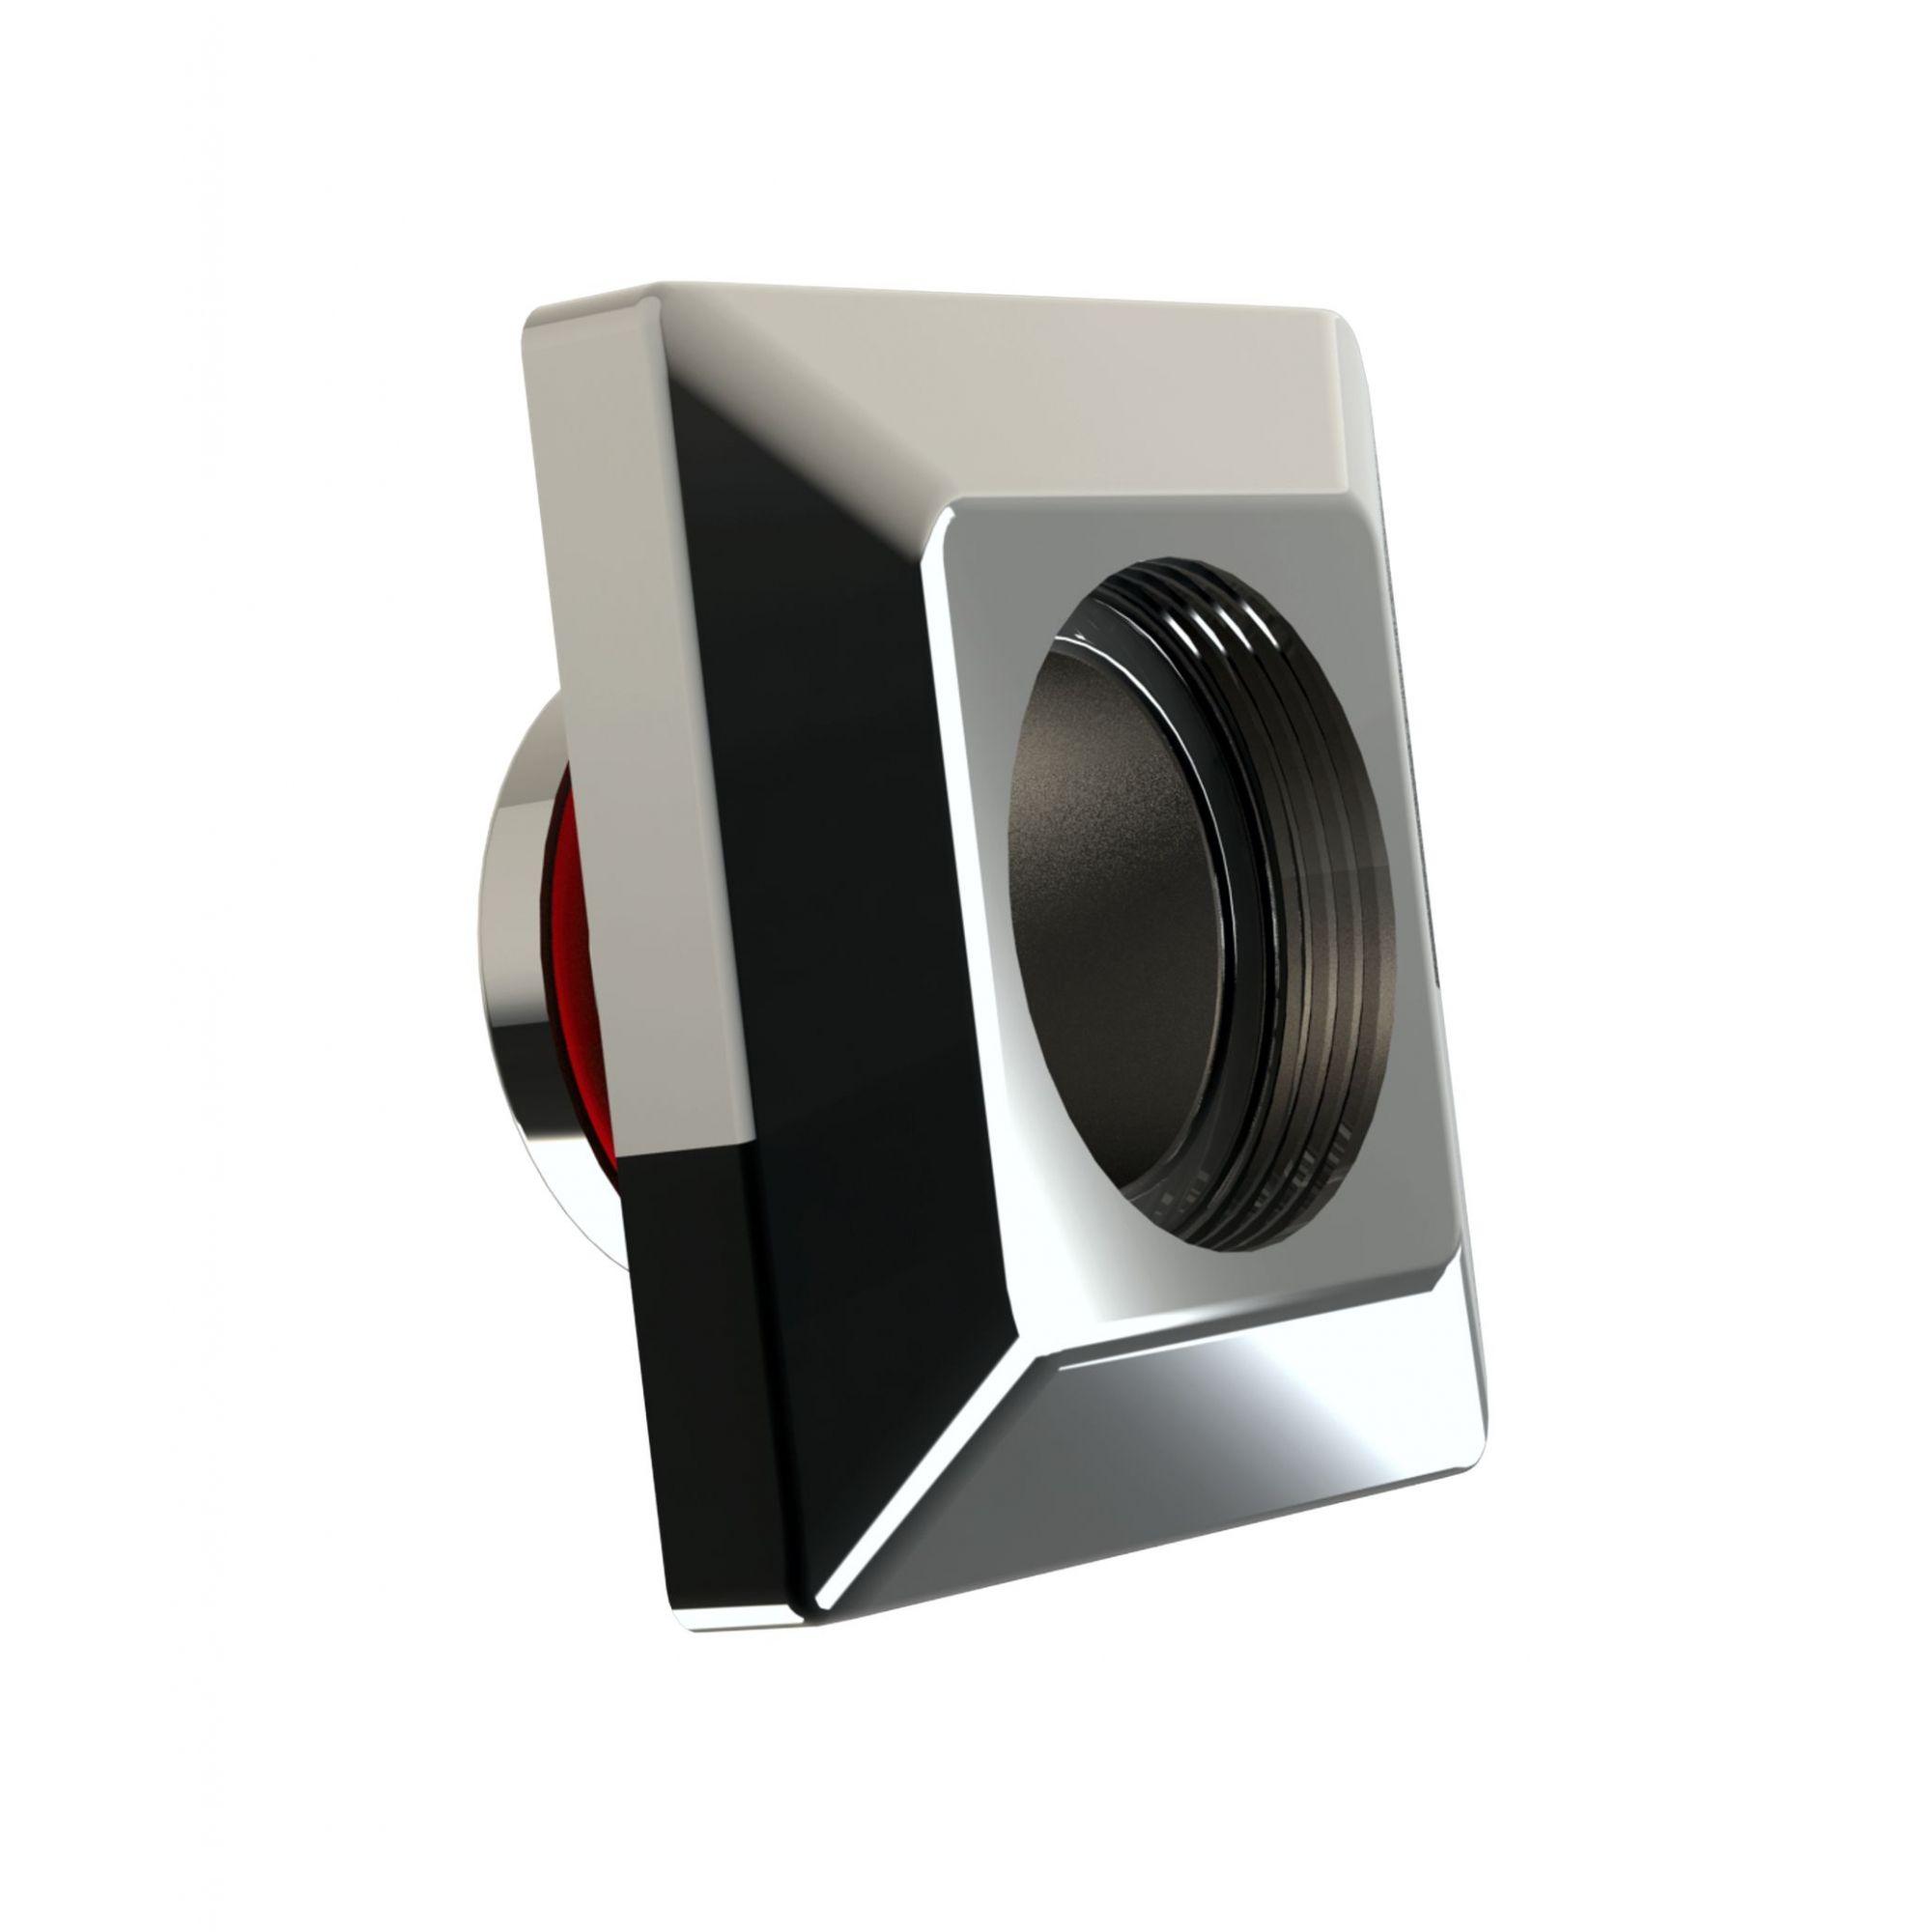 Dispositivo de Aspiração Quadrado Inox - Alvenaria - Tholz